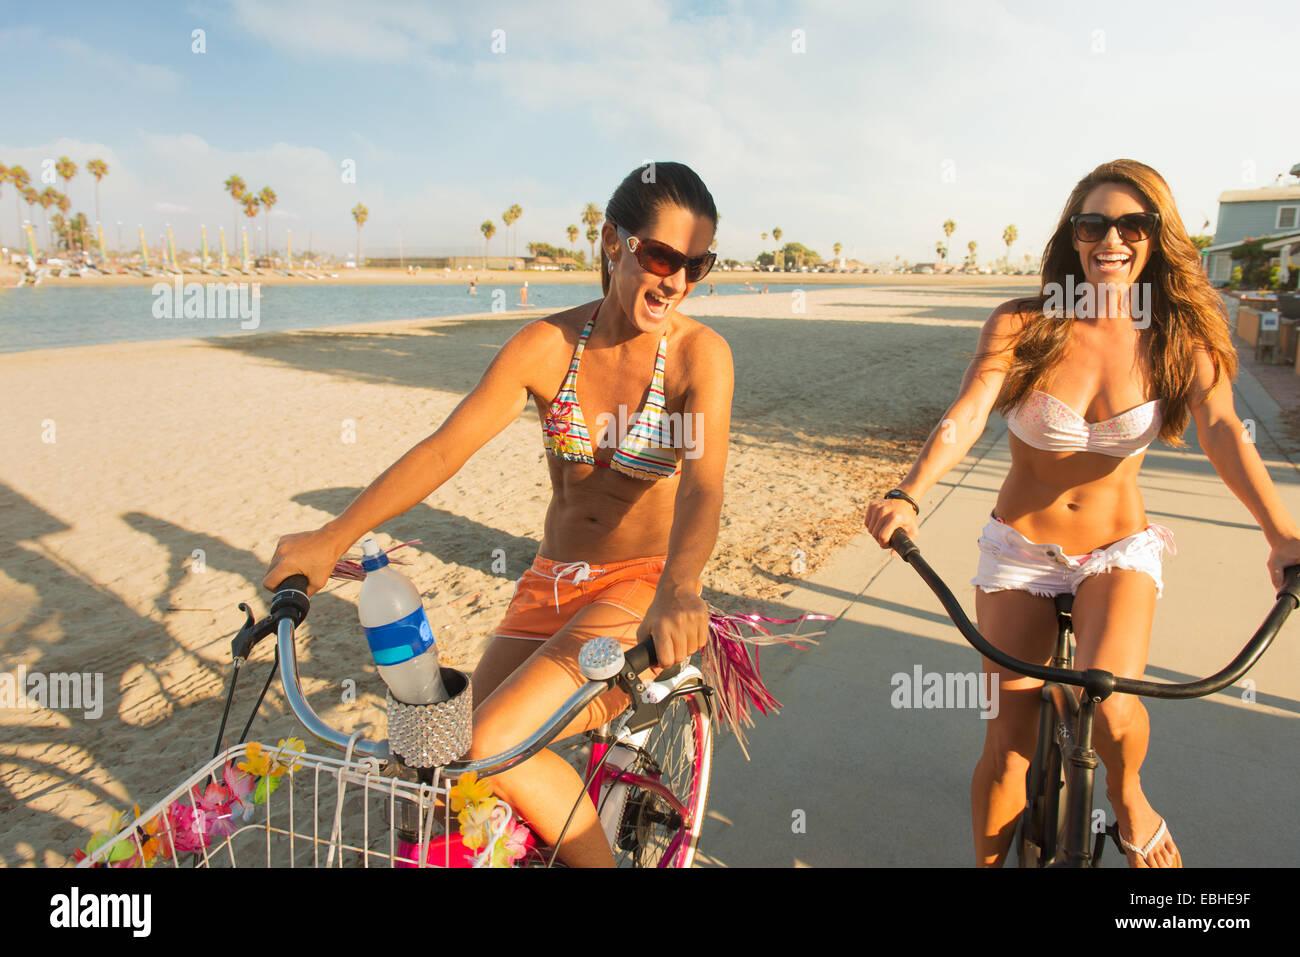 Deux femmes randonnée à vélo sur la plage, Mission Bay, San Diego, California, USA Photo Stock